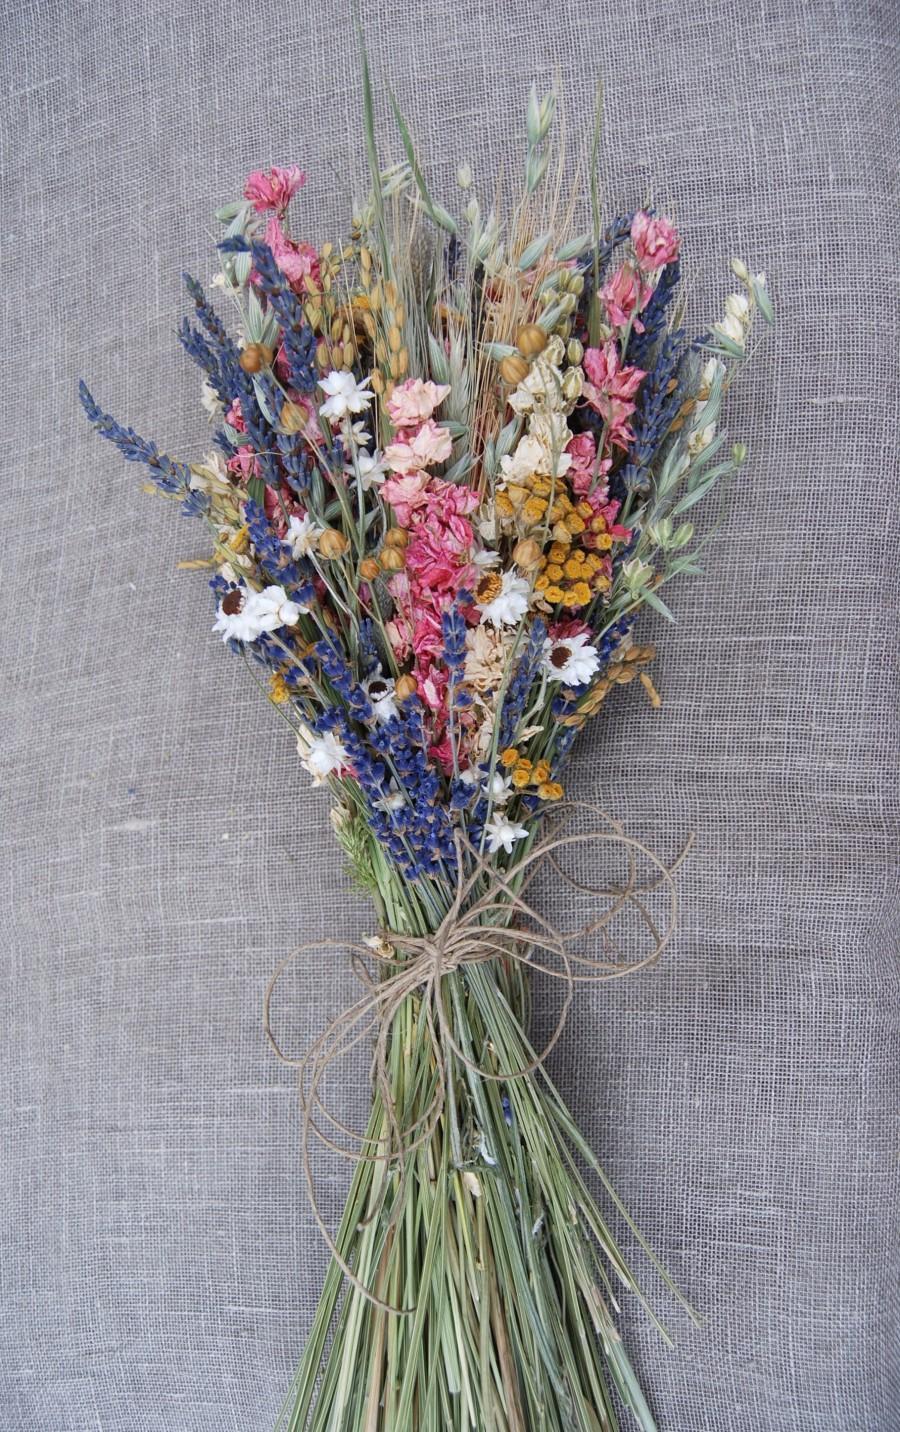 زفاف - Deposit Save the Date Warm Summer Wildflower  Pink and Yellow Wedding Flowers Bouquets, Boutonnieres, Corsages Lavender, Larkspur, Daisies